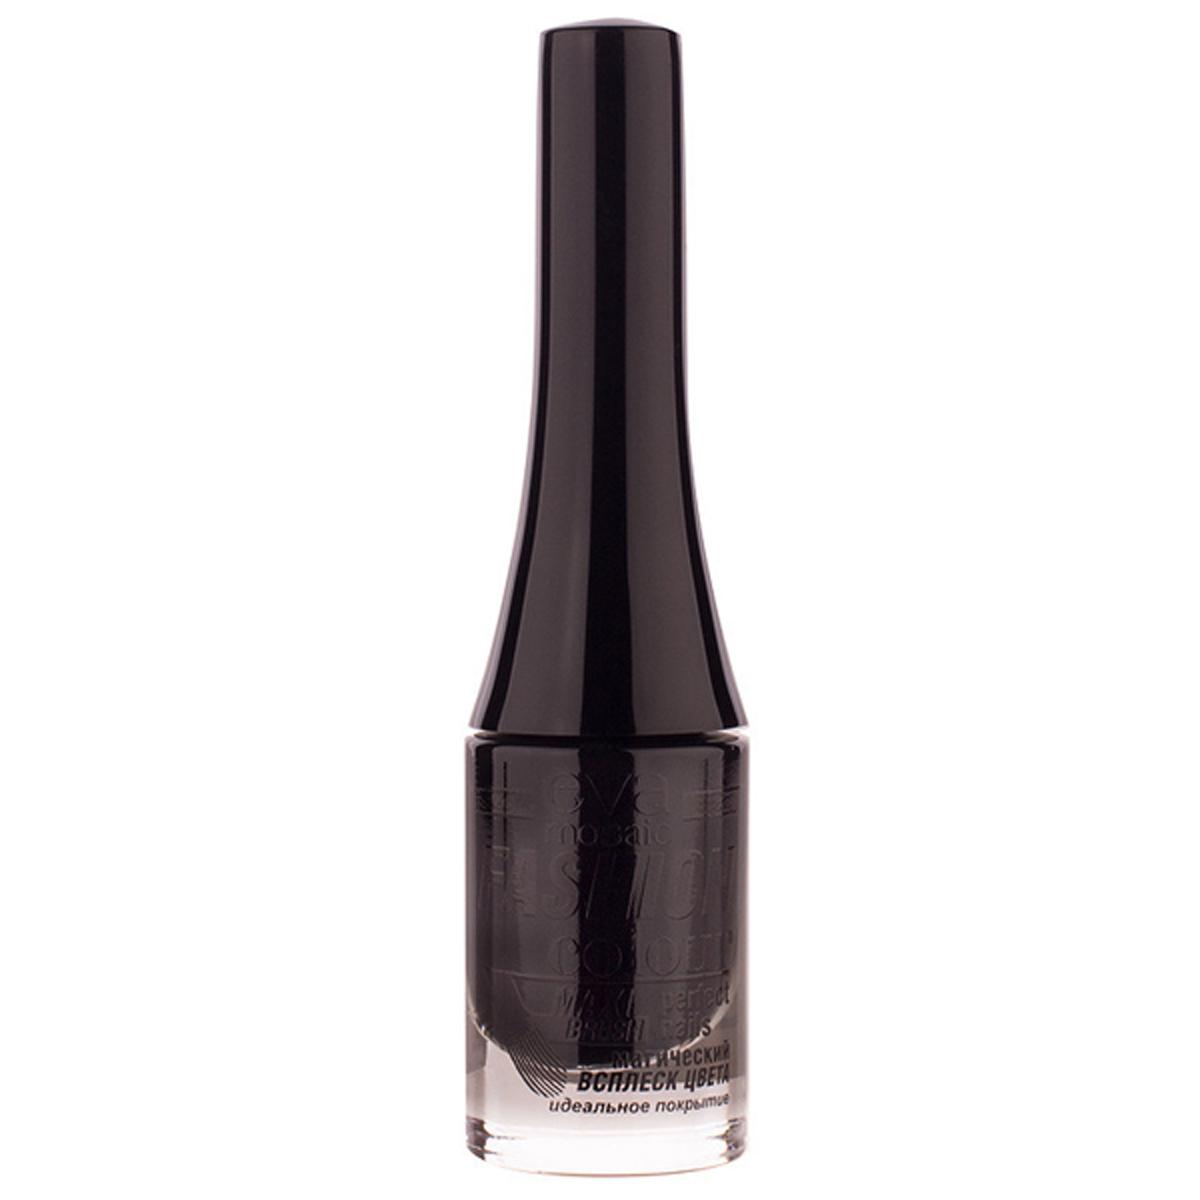 Eva Mosaic Лак для ногтей Fashion Colour, 6 мл, 049 Черная НочьSC-FM20104Стойкие лаки для ногтей в экономичной упаковке небольшого объема - лак не успеет надоесть или загустеть! Огромный спектр оттенков - от сдержанной классики до самых смелых современных тенденций.- легко наносятся и быстро сохнут- обладают высокой стойкостью и зеркальным блеском- эргономичная плоская кисть для быстрого, аккуратного и точного нанесения.